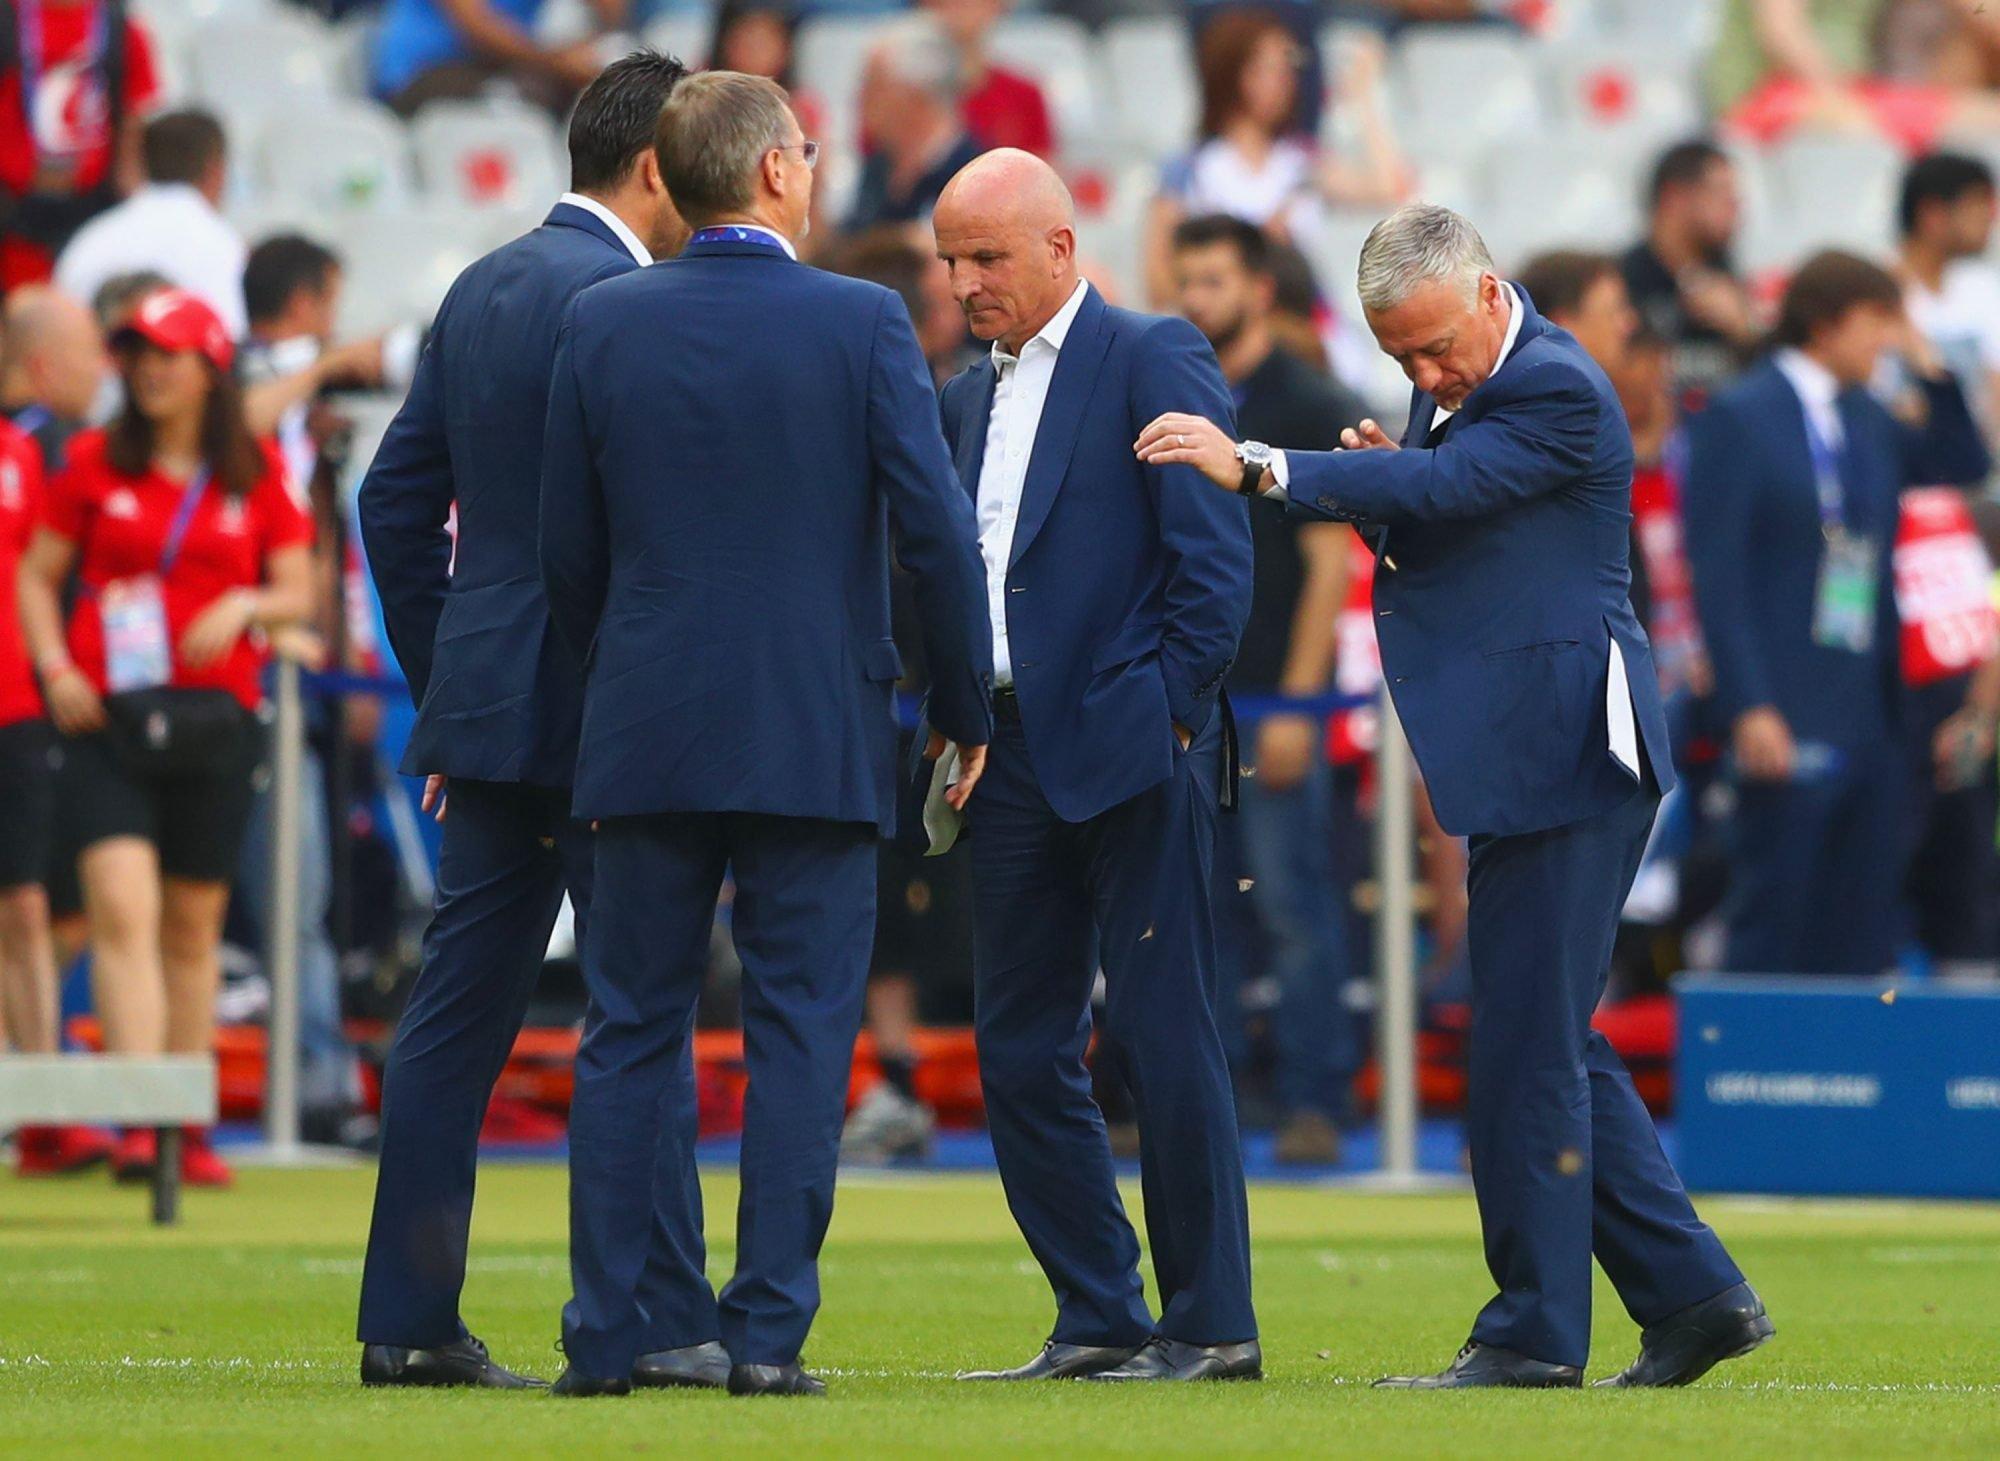 Histórico. Portugal é campeão da Europa pela primeira vez – Observador 286c849a77d38